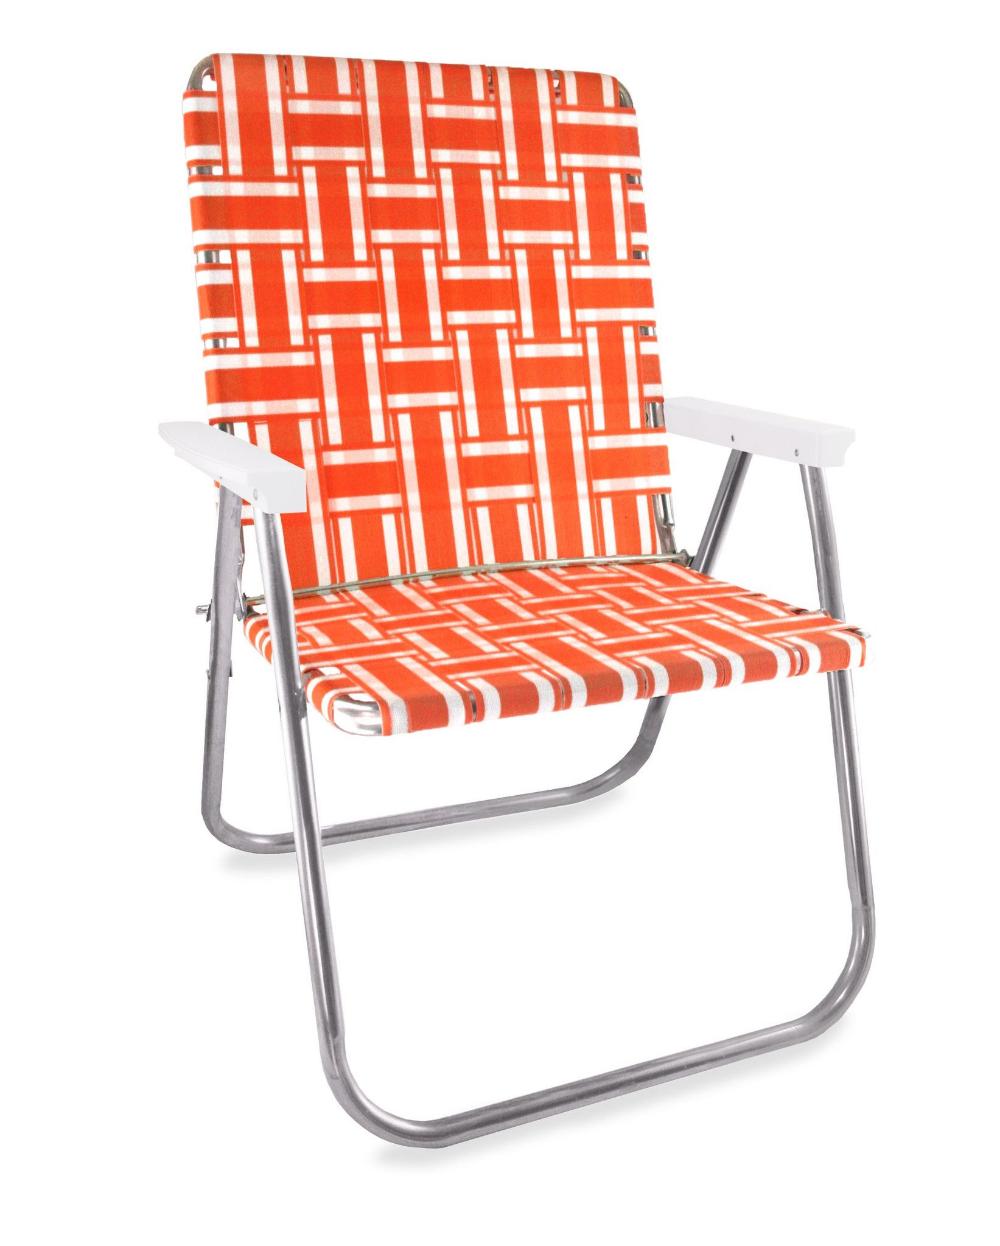 Lawn Chair Usa Folding Aluminum Webbing Chair Walmart Com Lawn Chairs Picnic Chairs Chair